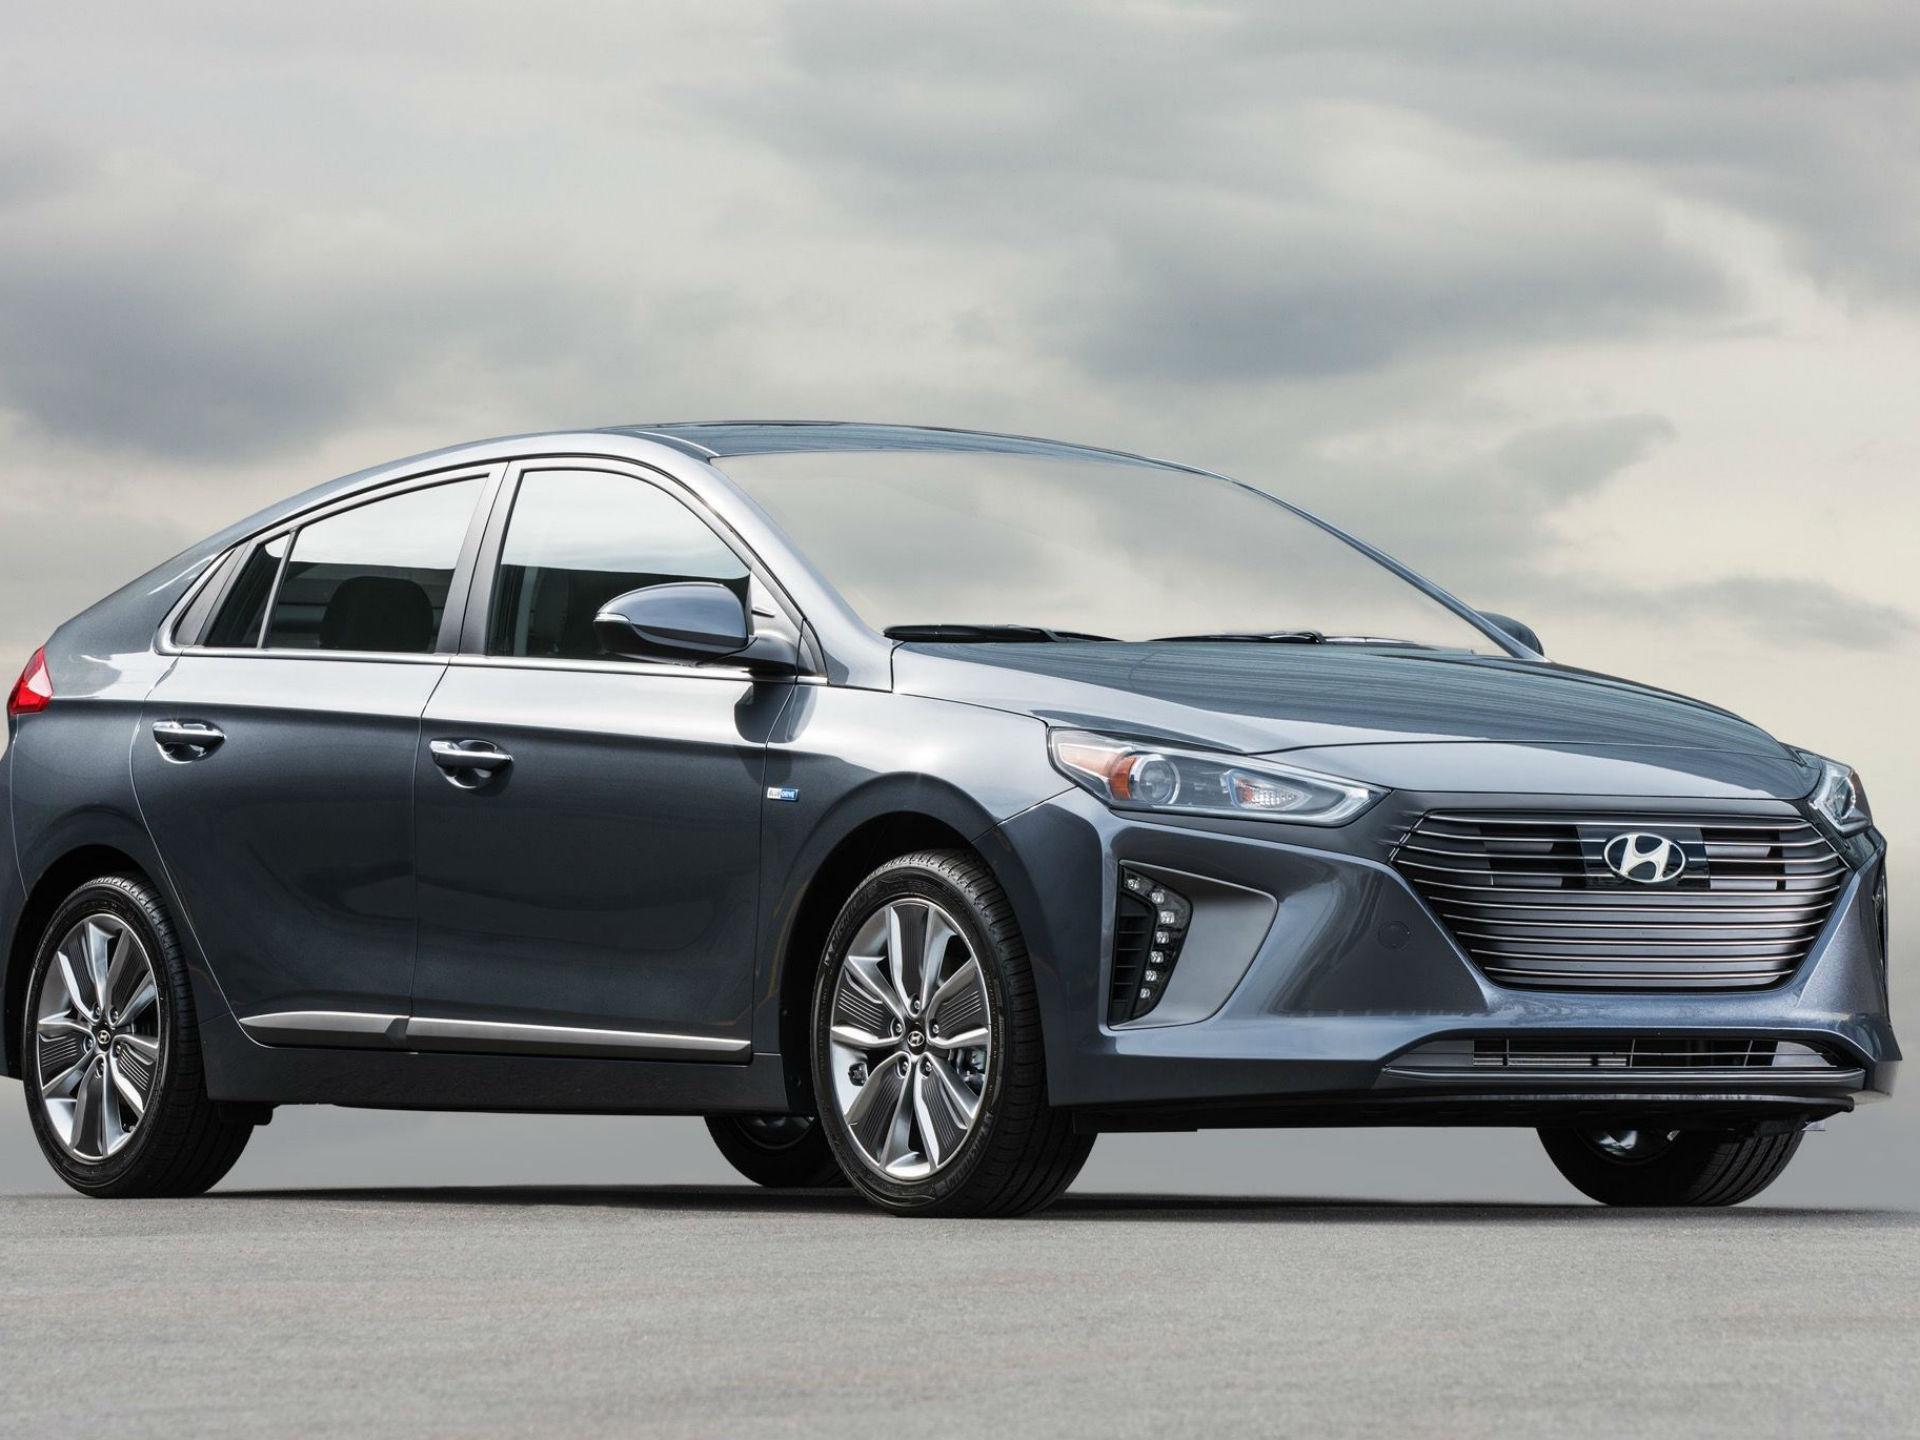 Hyundai Ioniq. Comparte ciertas entrañas con el Kia Niro, y se trata de un modelo multifacético. Habrá 3 versiones: la primera sera un híbrido de 104 hp a motor de gasolina y 43 hp de un motor eléctrico. El absolutamente eléctrico tendrá un motor de 120 hp y promete una carga del 80% en veinte minutos. Foto: Hyundai